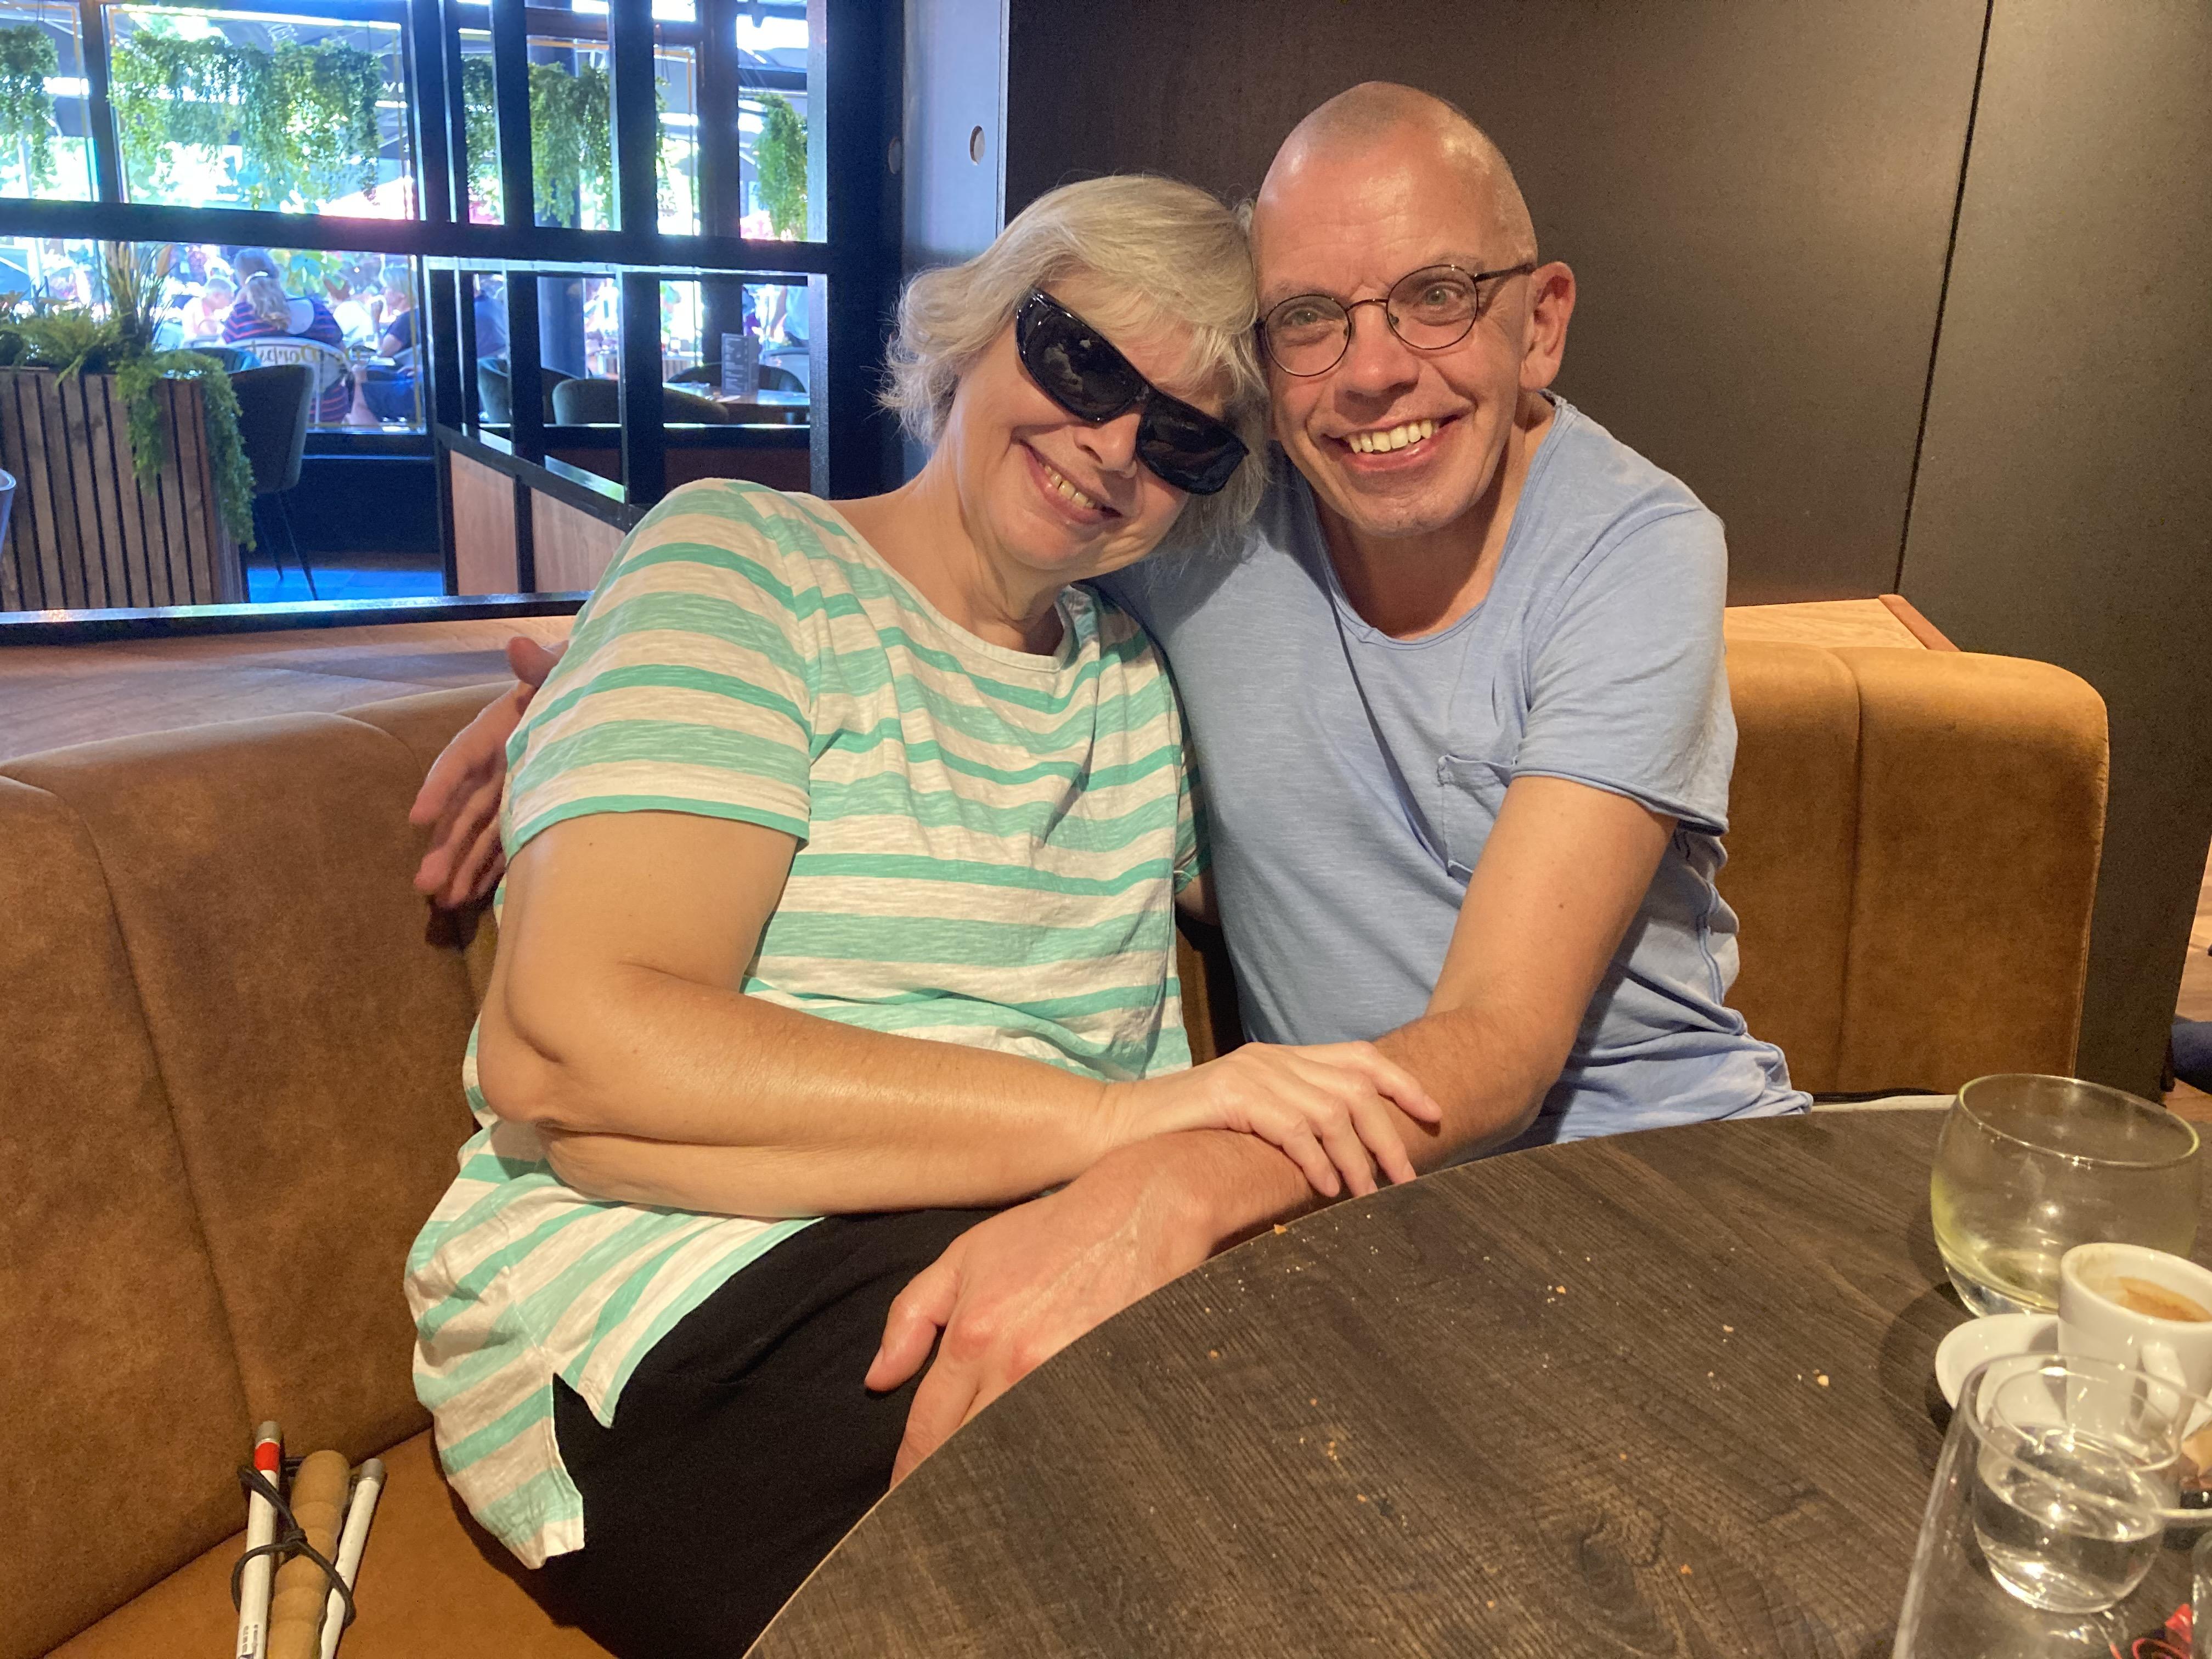 Deze foto is gemaakt tijdens de lunch in De Dorpskamer van Leek. Anne en Bert op 1 foto.